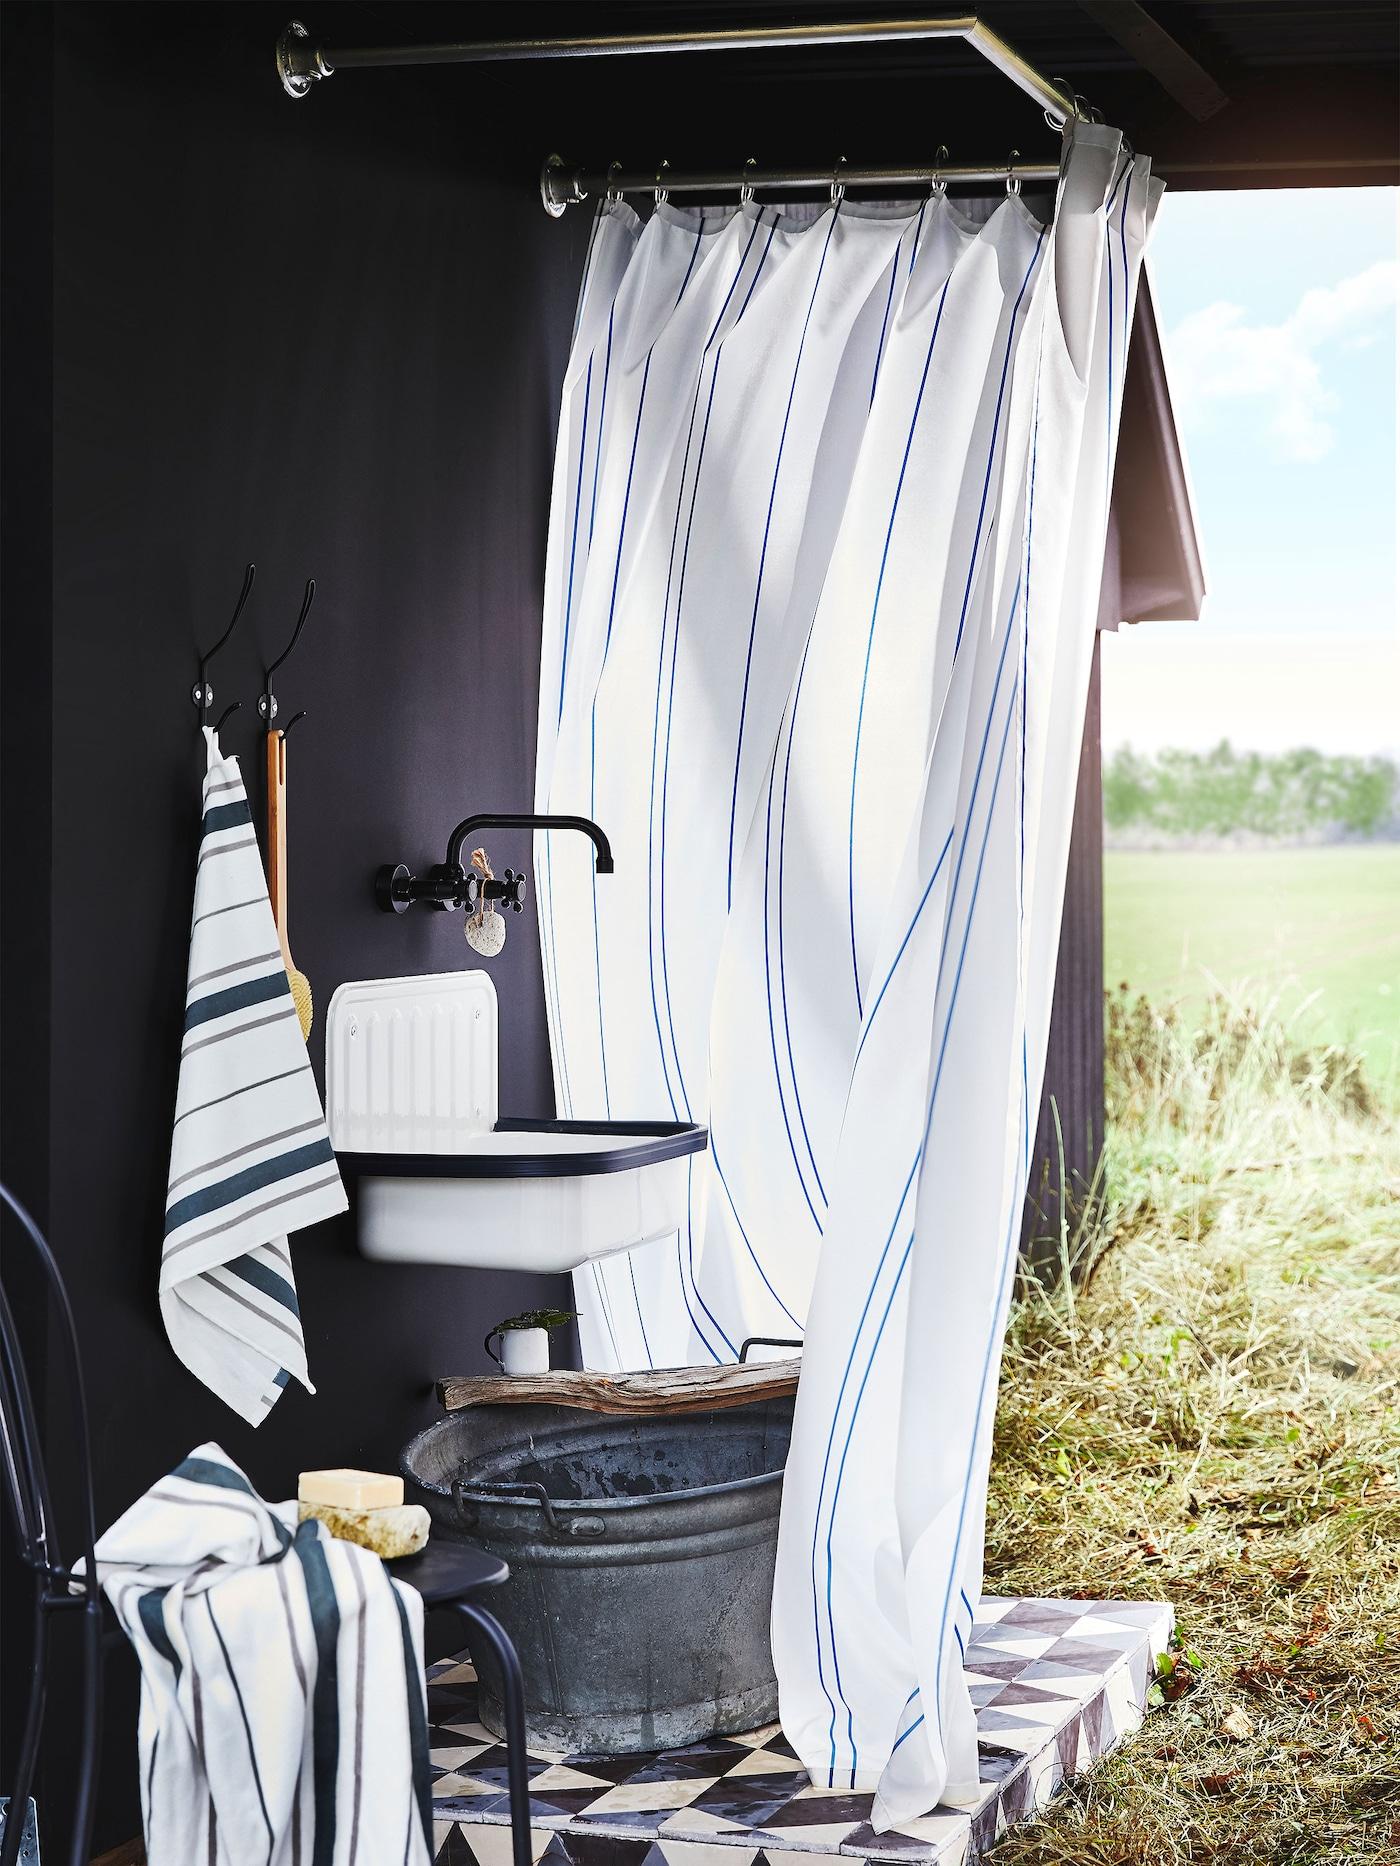 Maaseutumaisemissa kuvatut IKEA OTTSJÖN pyyhkeet ja suihkuverho ovat klassisen tyylikkäitä ja niissä on yhteensopivan klassisia raitakuvioita valkoisella pohjalla.